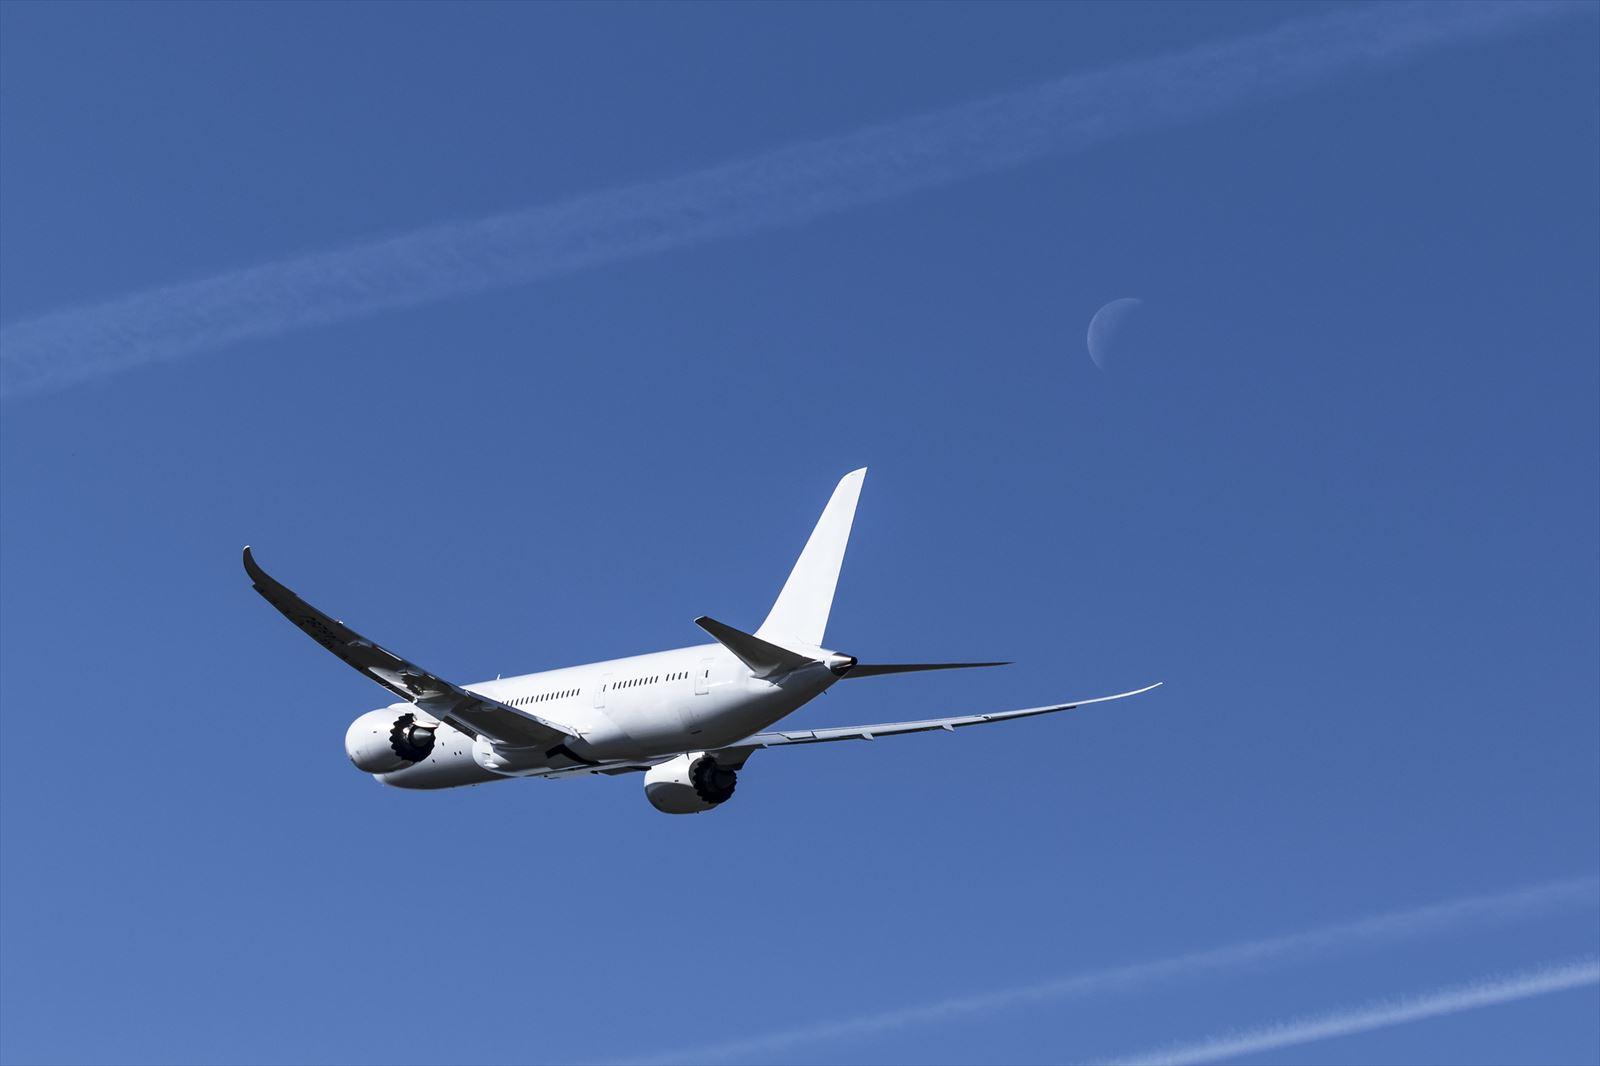 ゴールデンウィークの飛行機で格安の航空券を予約する方法 ...